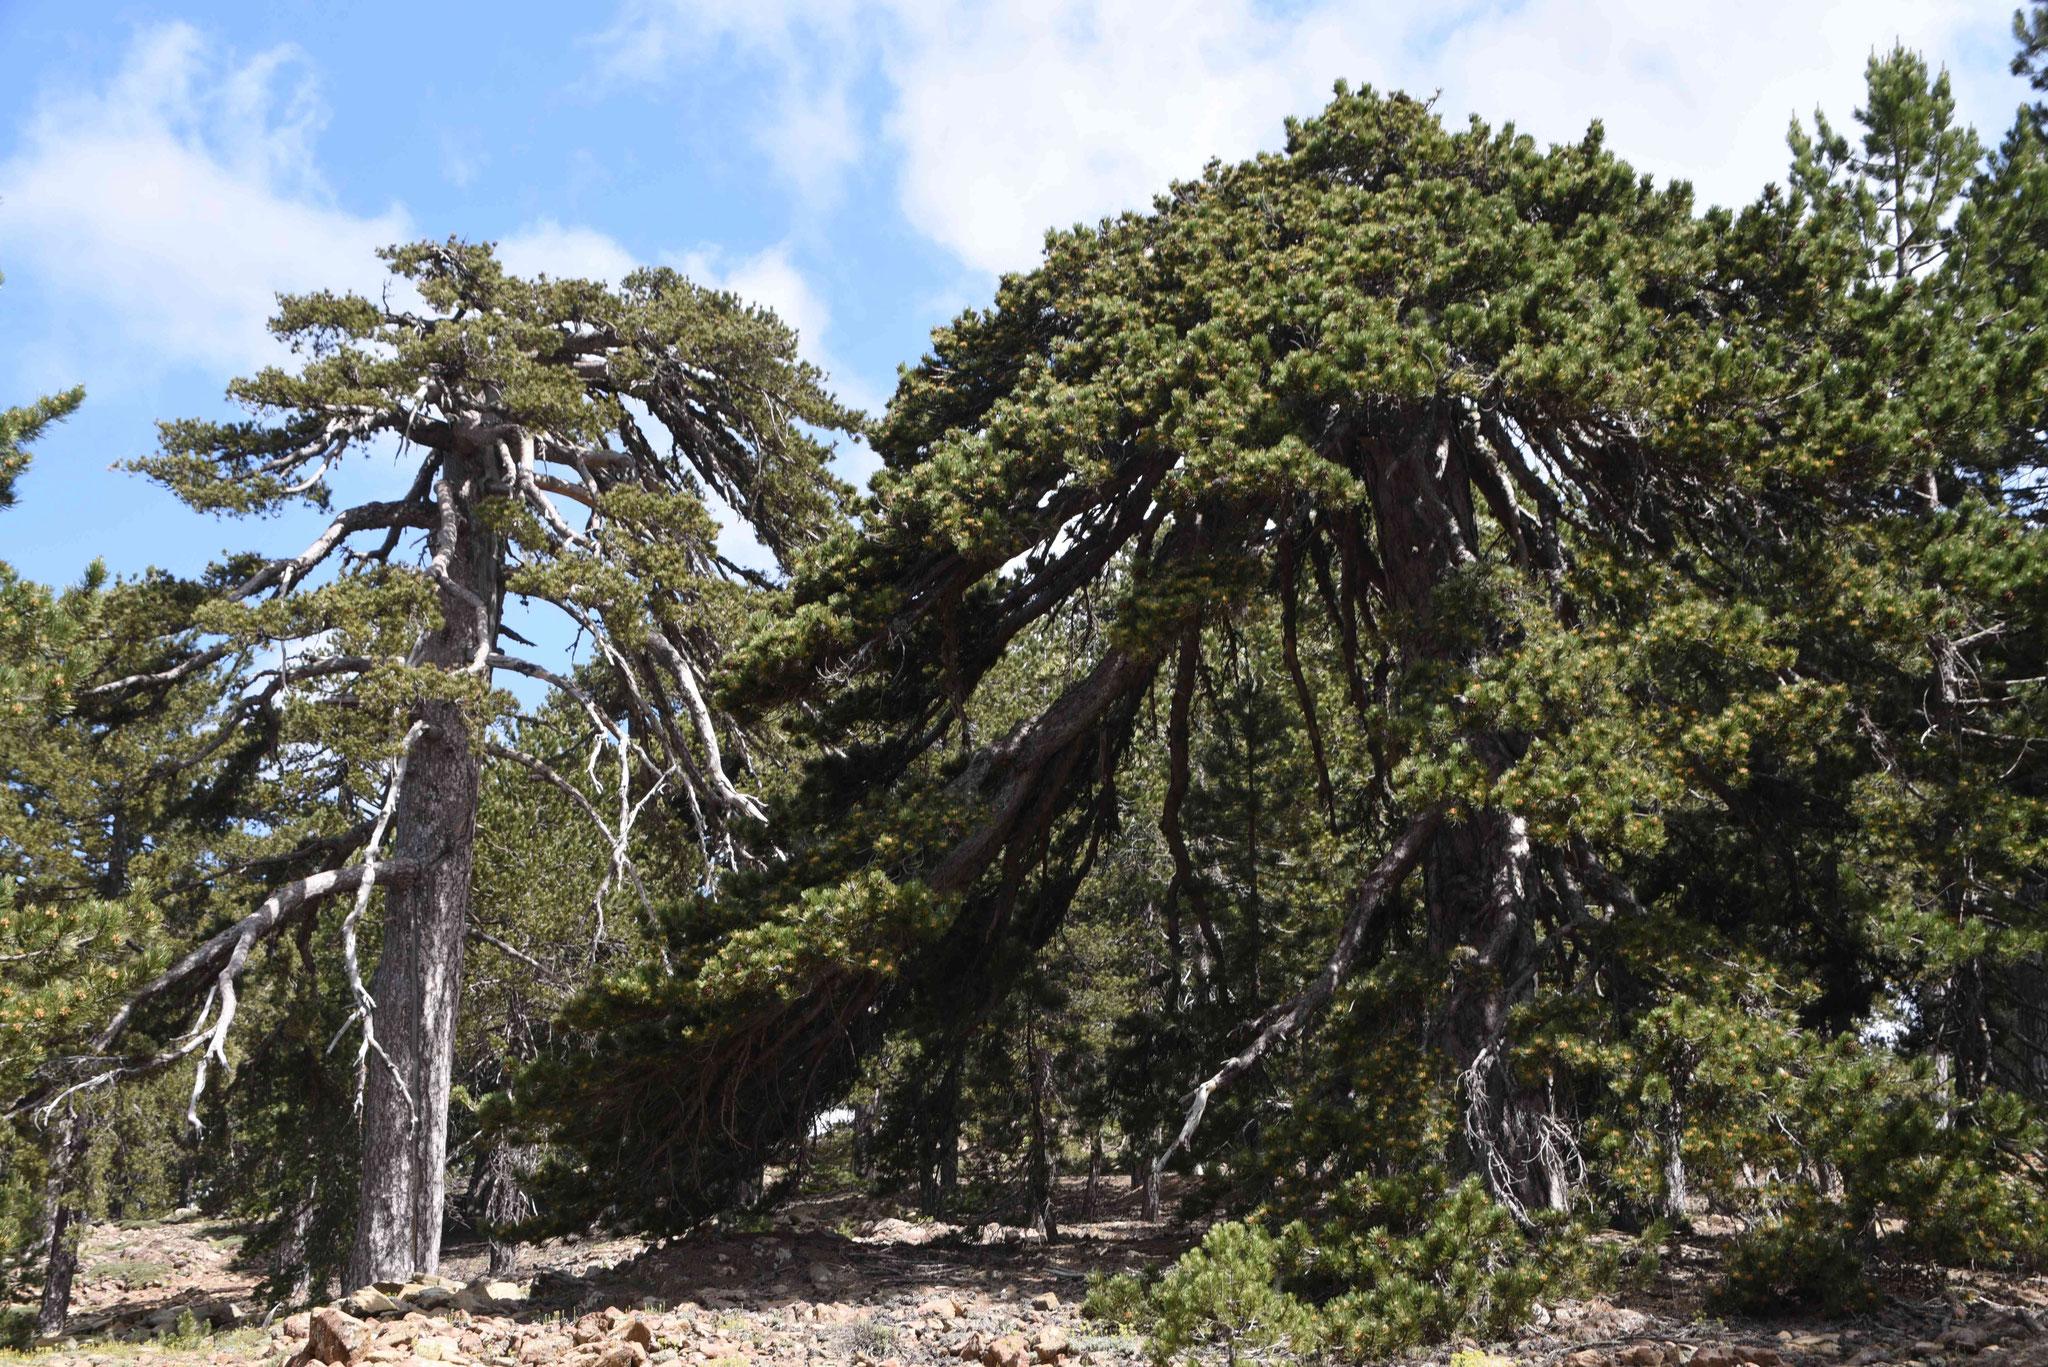 Imposante Bäume findet man immer wieder